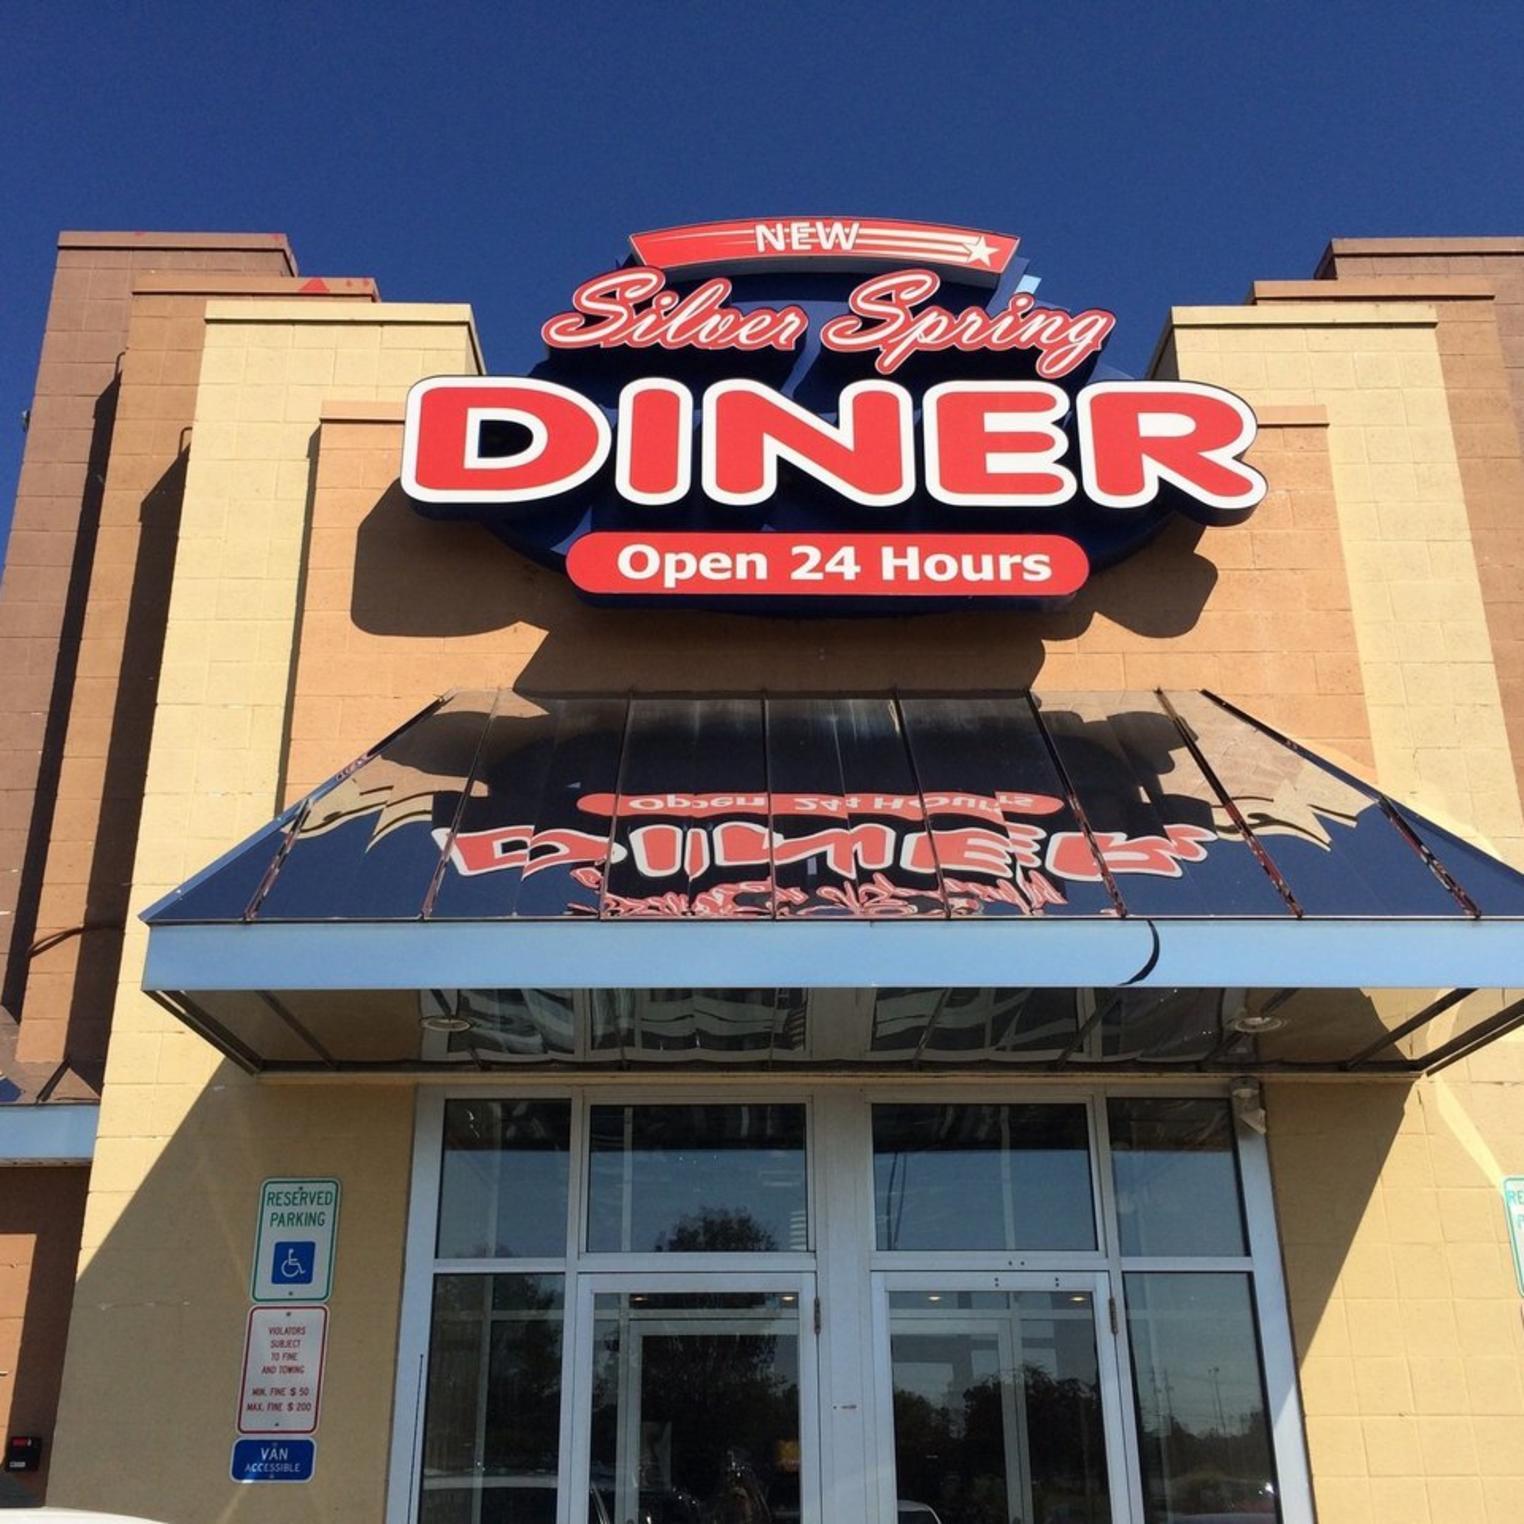 Silver Spring Diner